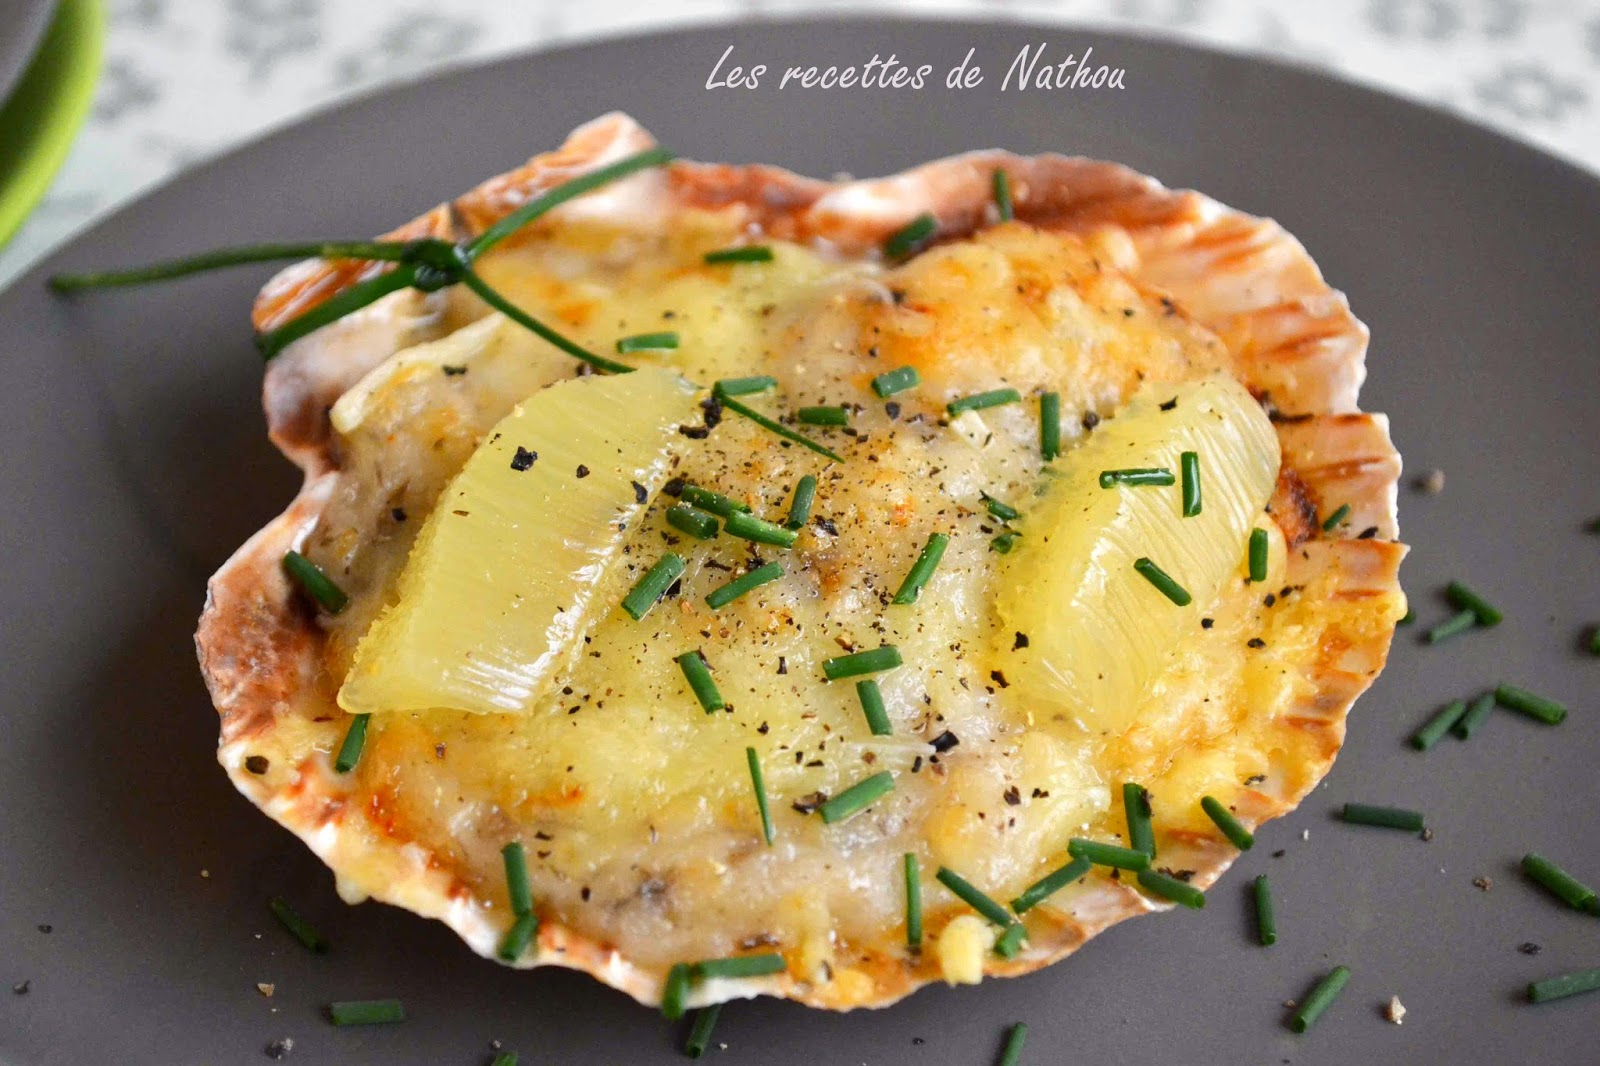 Les recettes de Nathou: Coquilles St Jacques gratinées